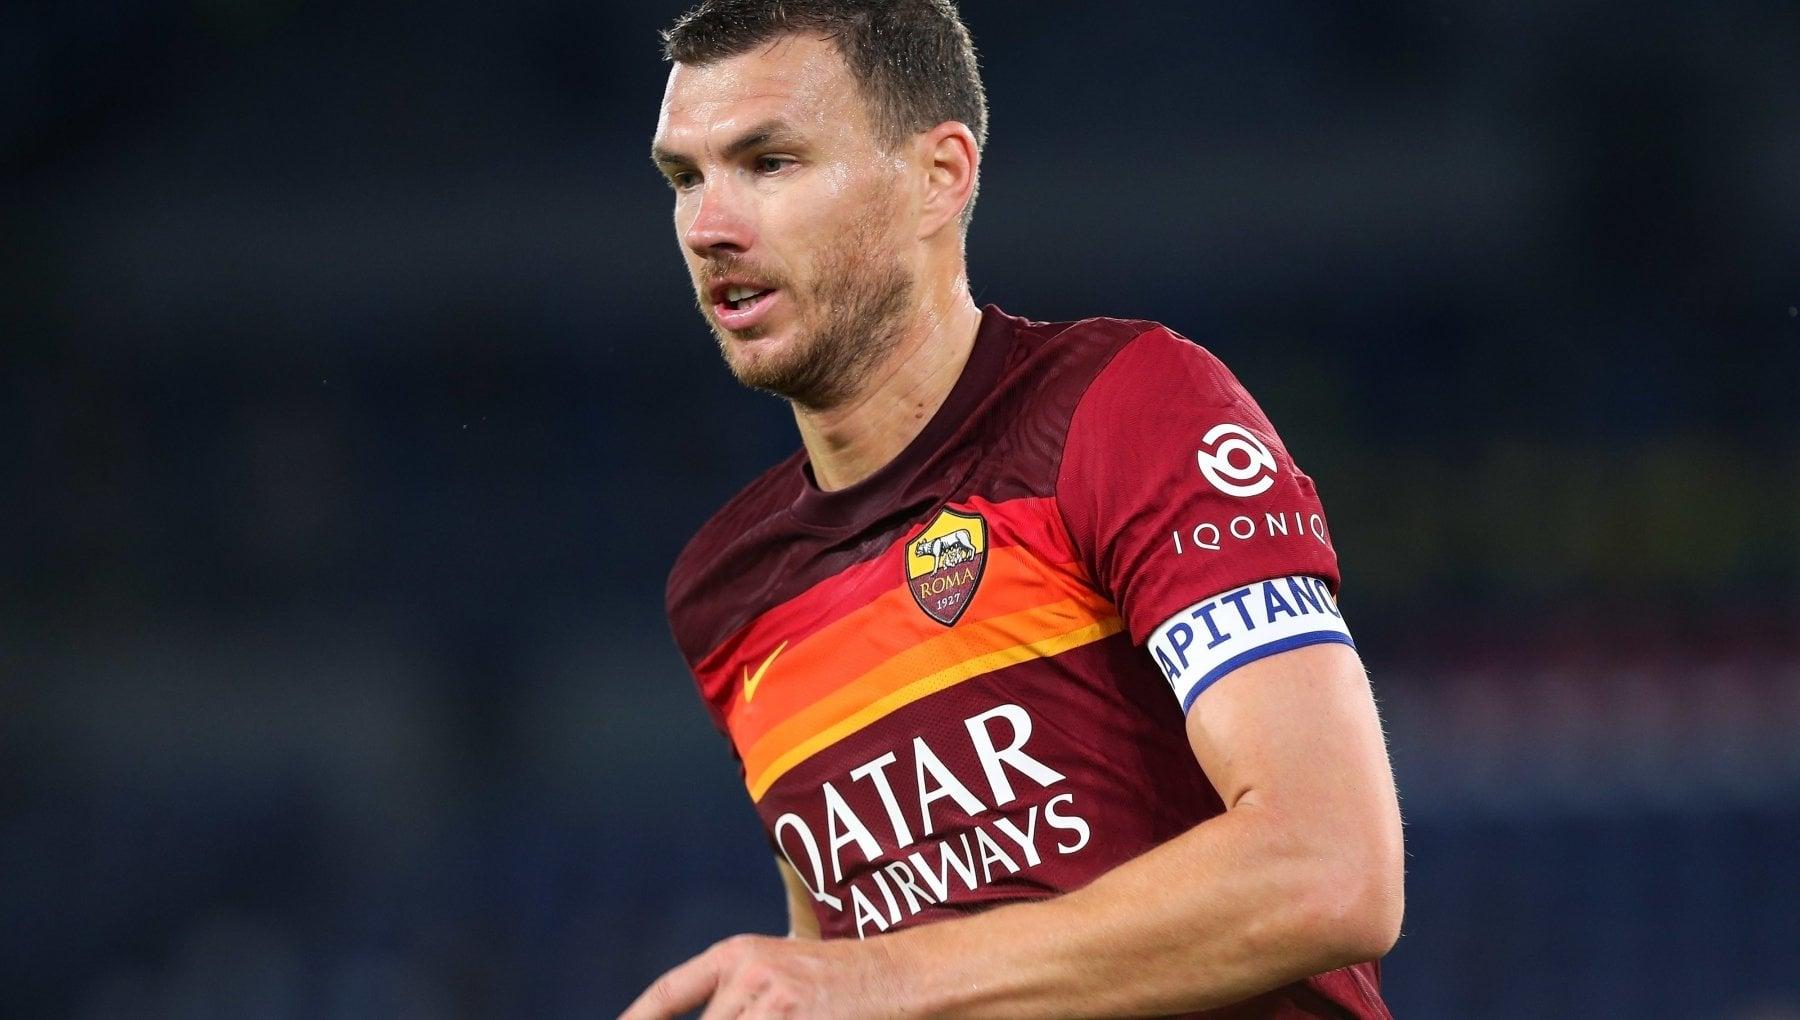 Dzeko raggiunge Amadei con 111 reti e il terzo marcatore giallorosso di sempre Totti e il primo e irraggiungibile